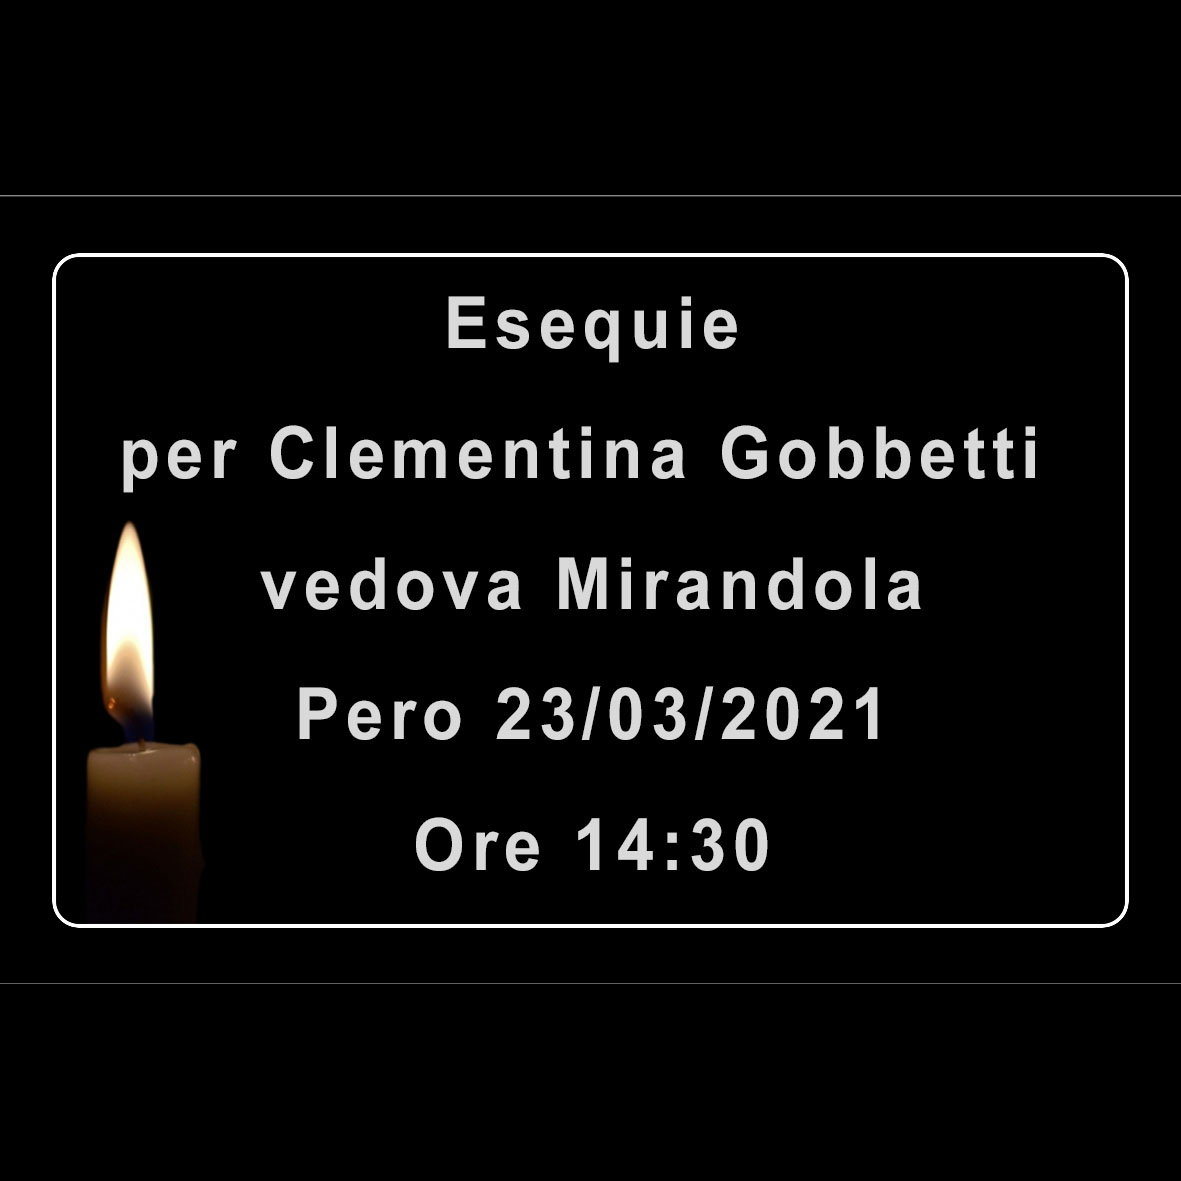 Esequie per Clementina (Alberina) Gobbetti vedova Mirandola